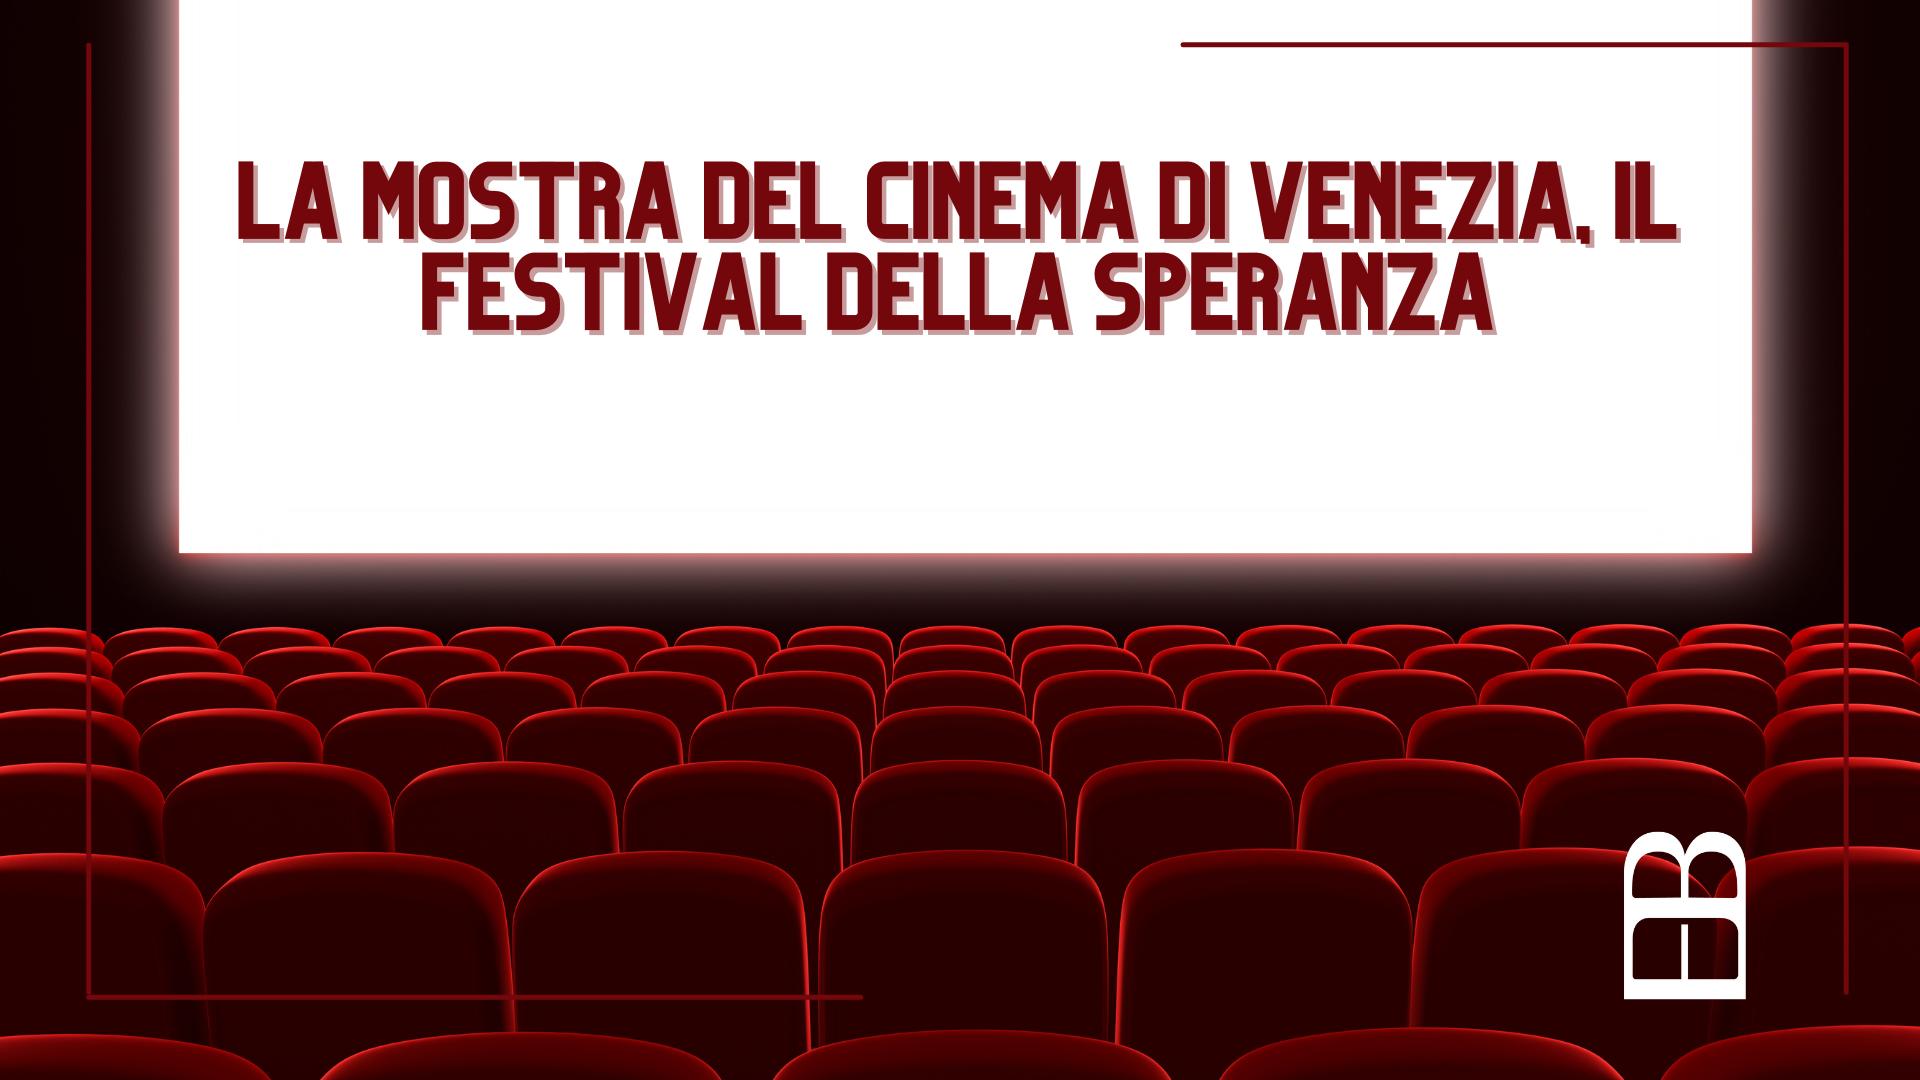 La Mostra del Cinema di Venezia e assicurazione